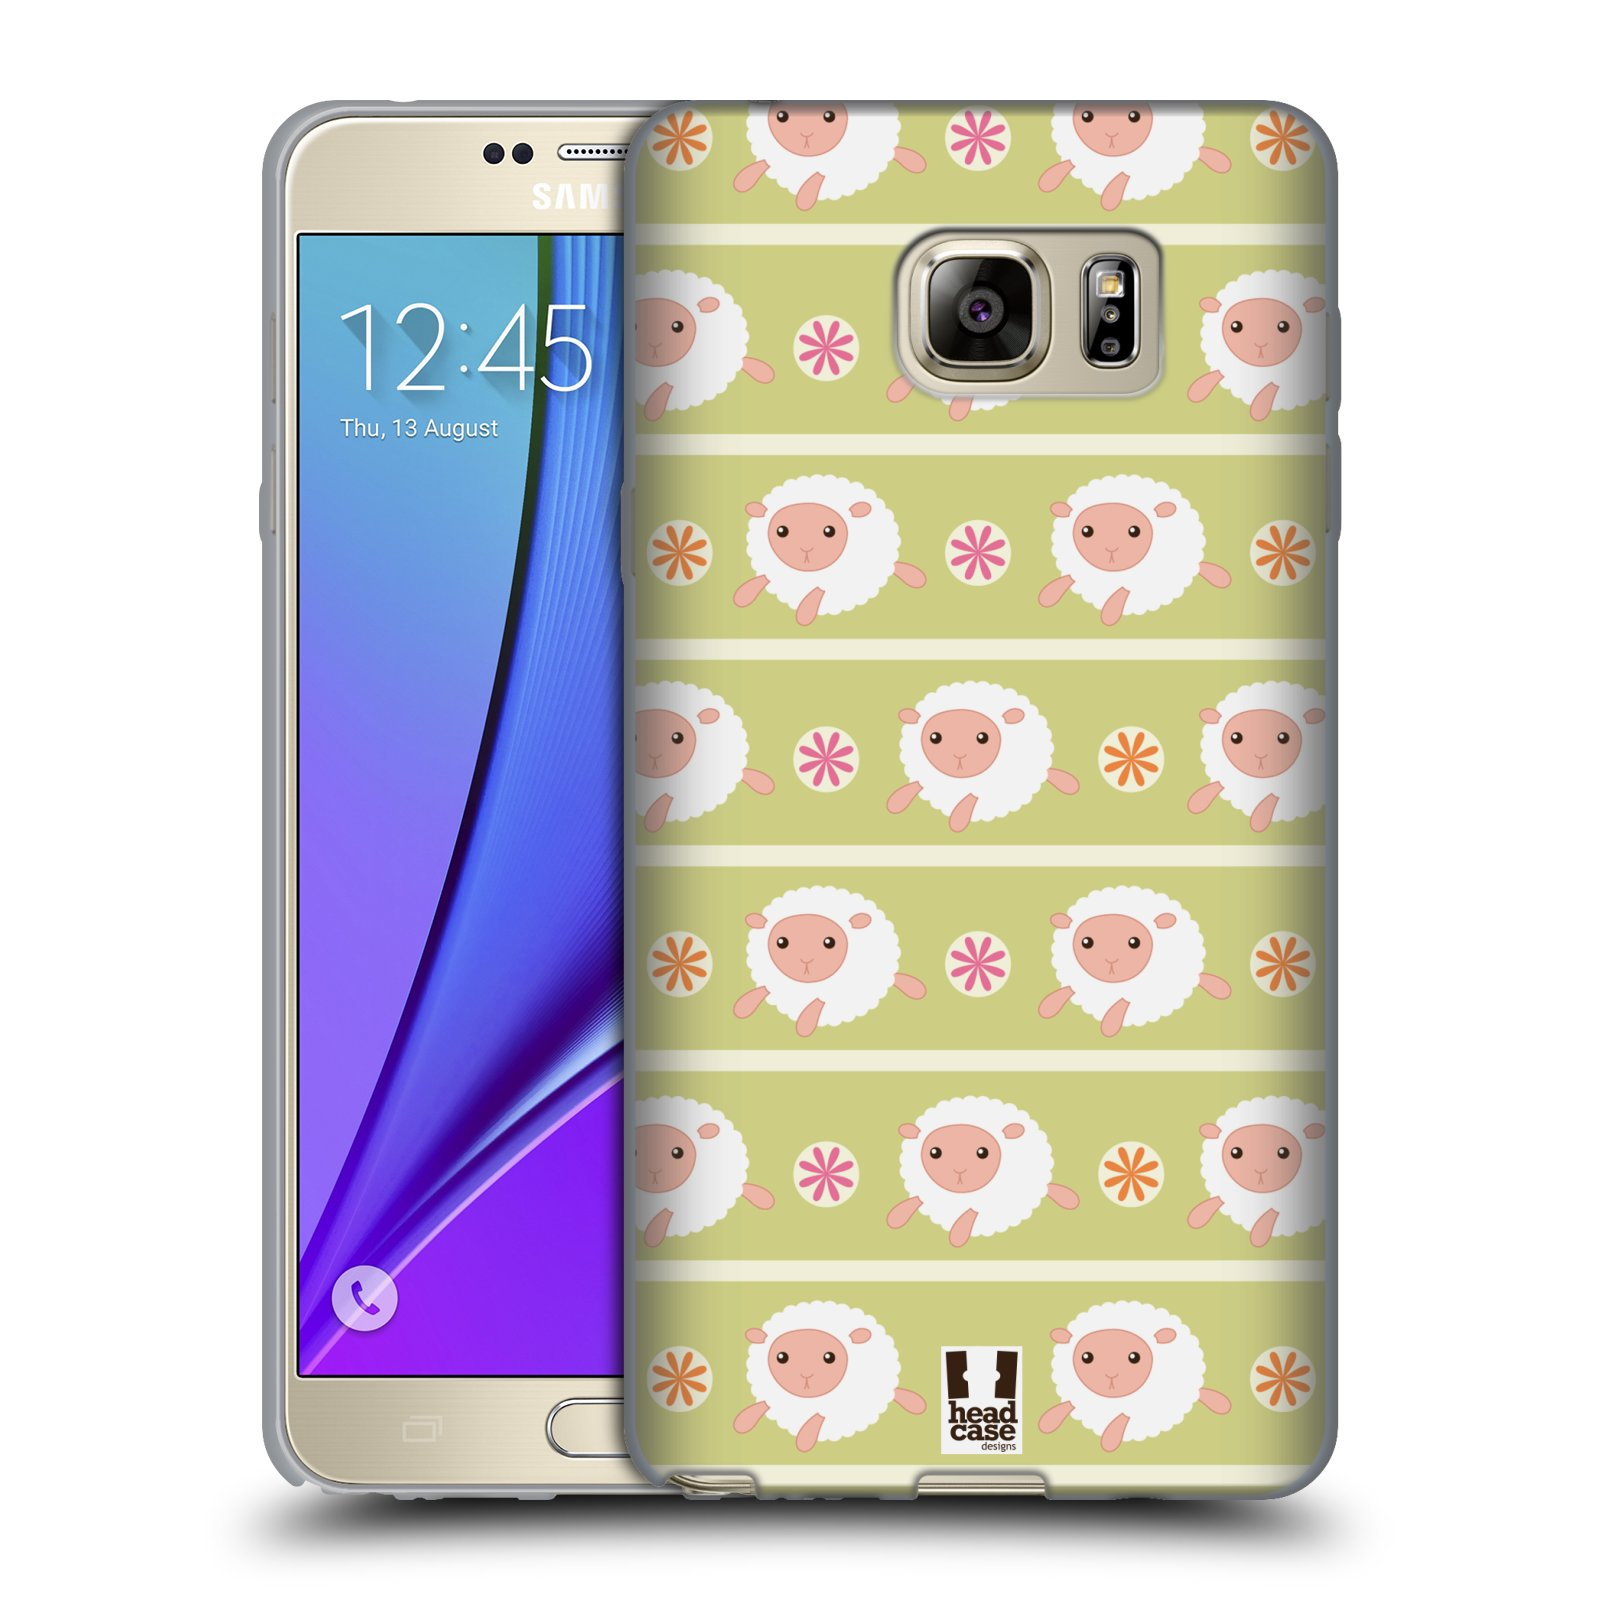 HEAD CASE silikonový obal na mobil Samsung Galaxy Note 5 (N920) vzor roztomilé zvířecí vzory ovečky